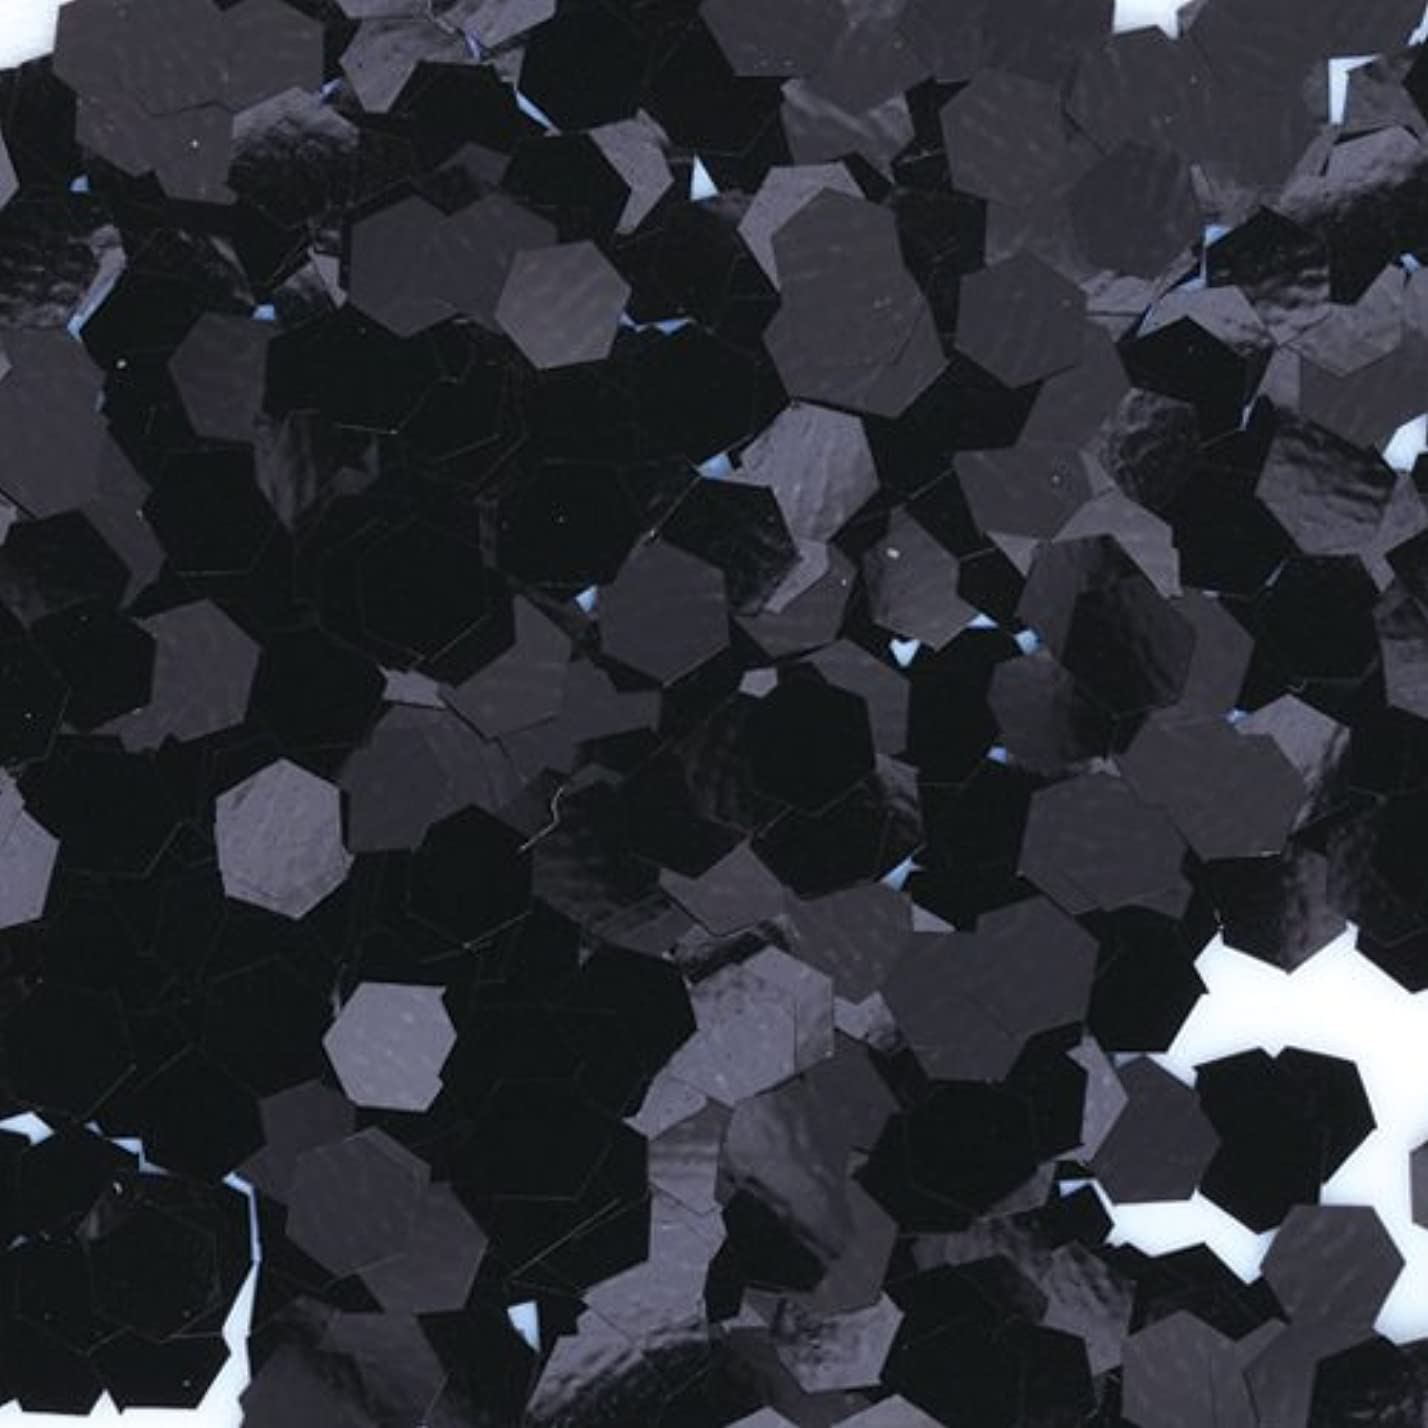 実り多いバンド電気陽性ピカエース ネイル用パウダー 六角カラー 1mm #452 ブラック 0.5g